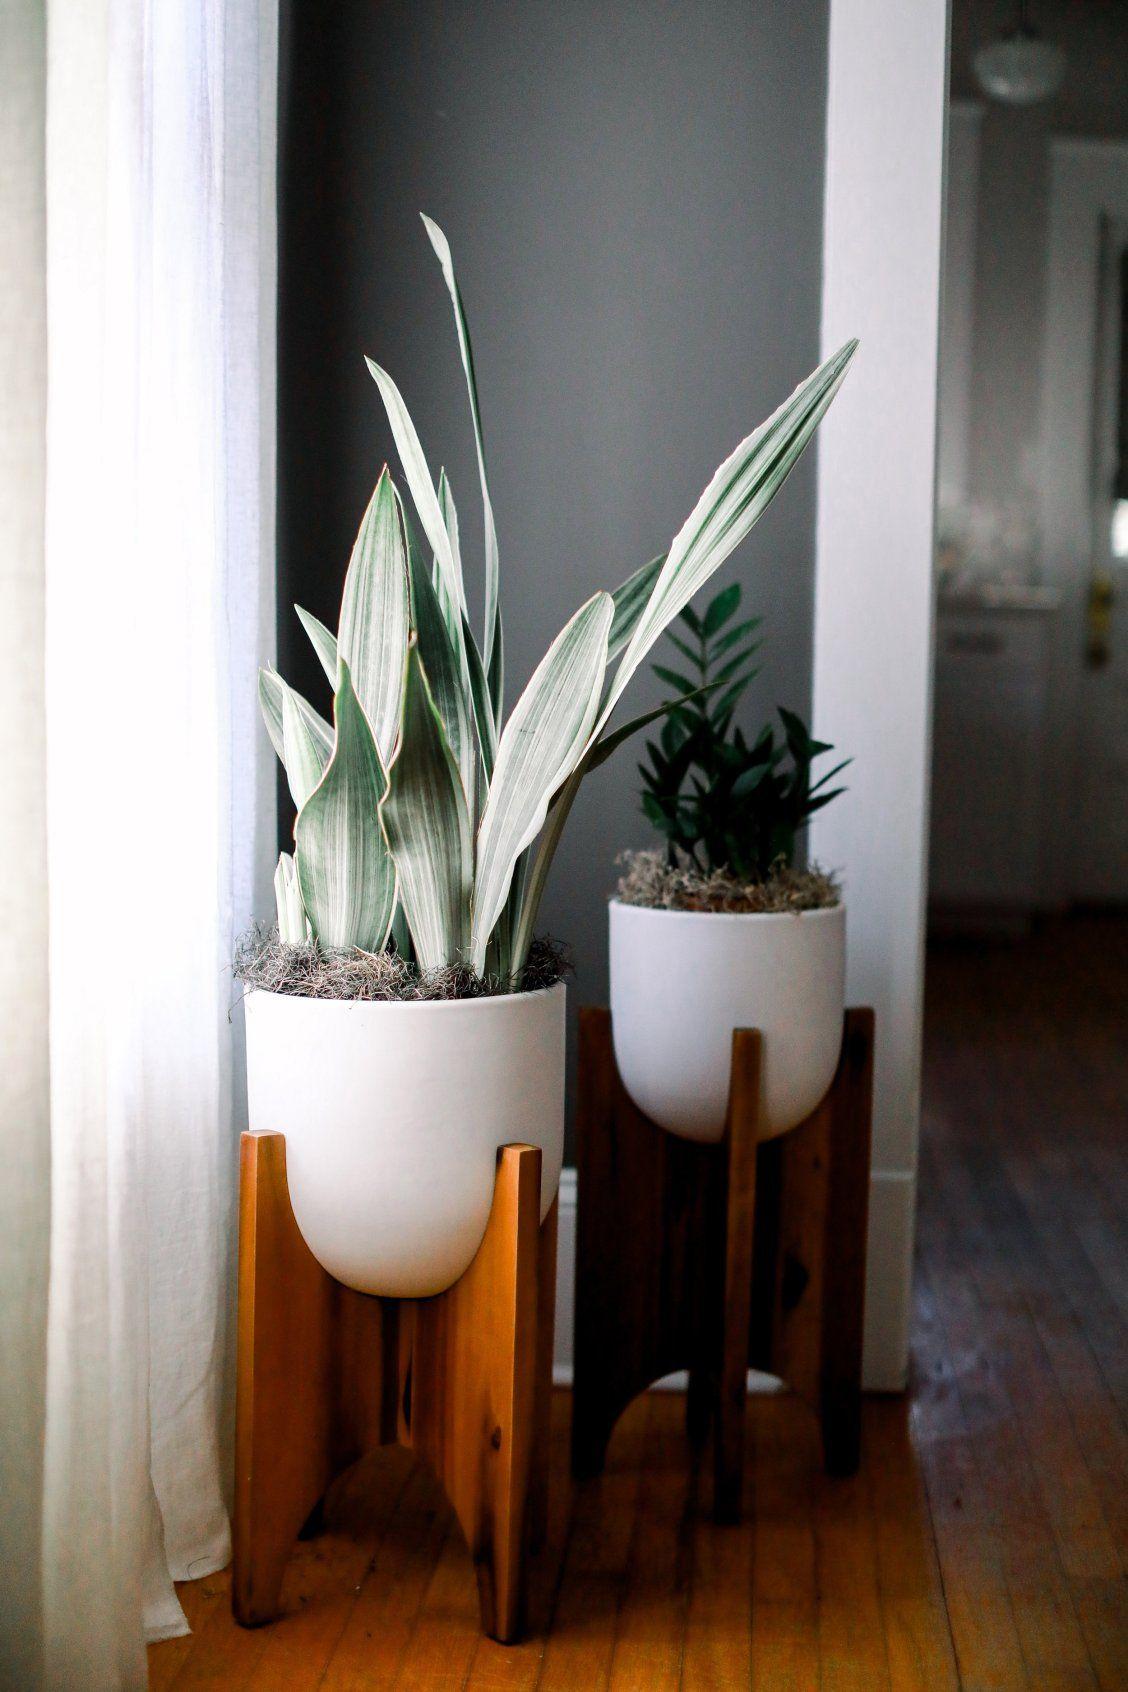 west elm planters | West elm planter, Craftsman bungalows ...